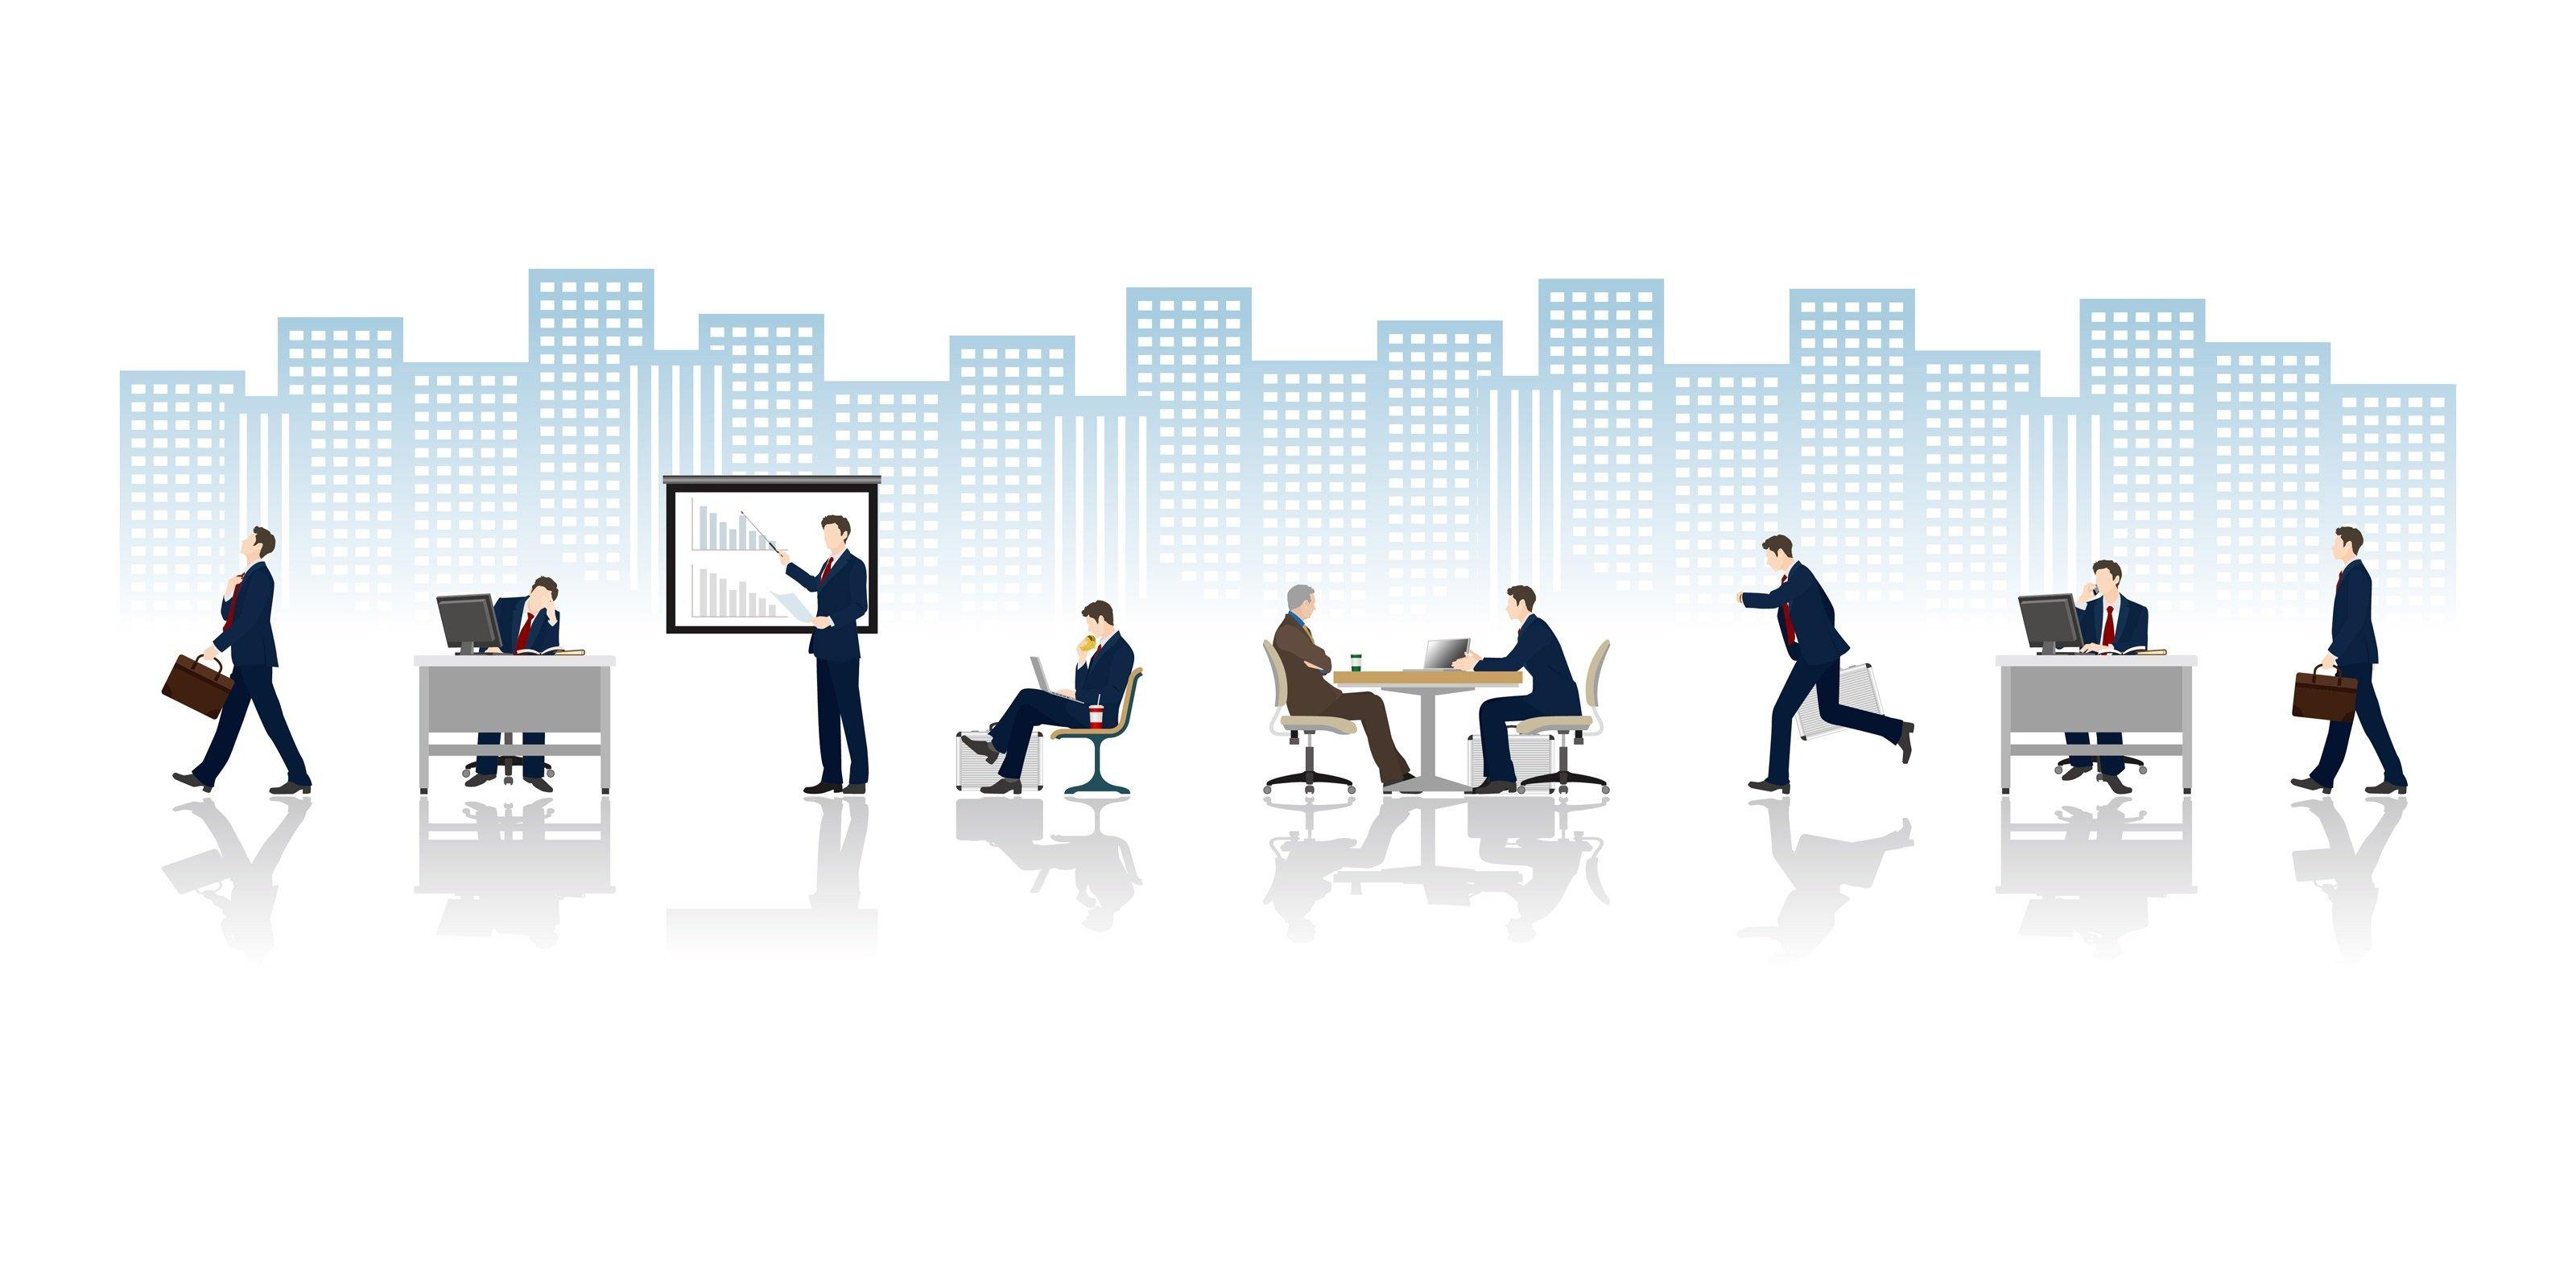 セールスイネーブルメントとは?アクションの定量化と営業スキルの平準化で組織を強くする